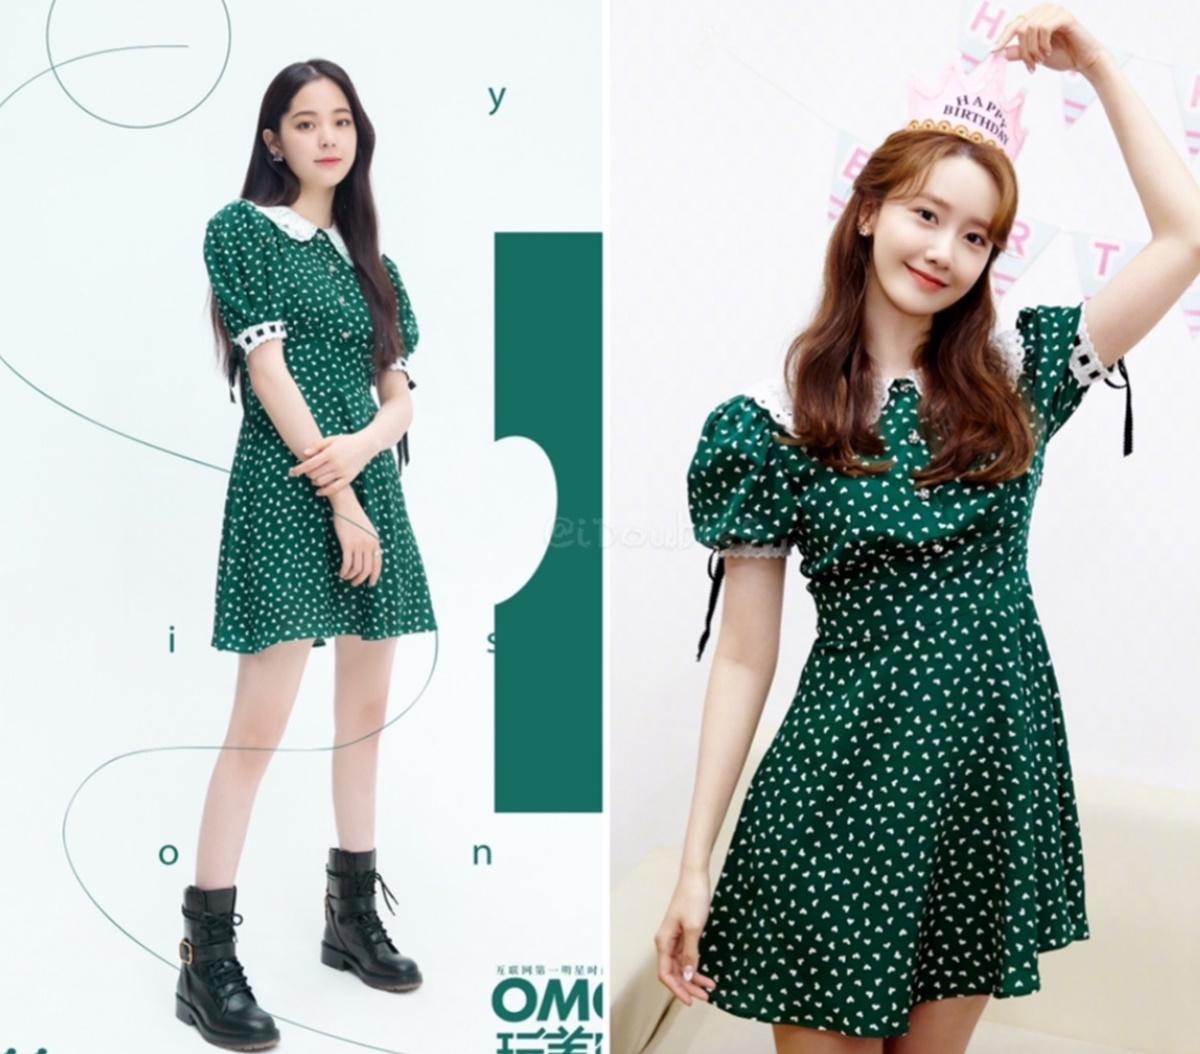 Âu Dương Na Na còn đụng váy chấm bi của Miu Miu với Yoona. Thiết kế này mang lại vẻ nữ tính, trong trẻo cho hai ngôi sao.